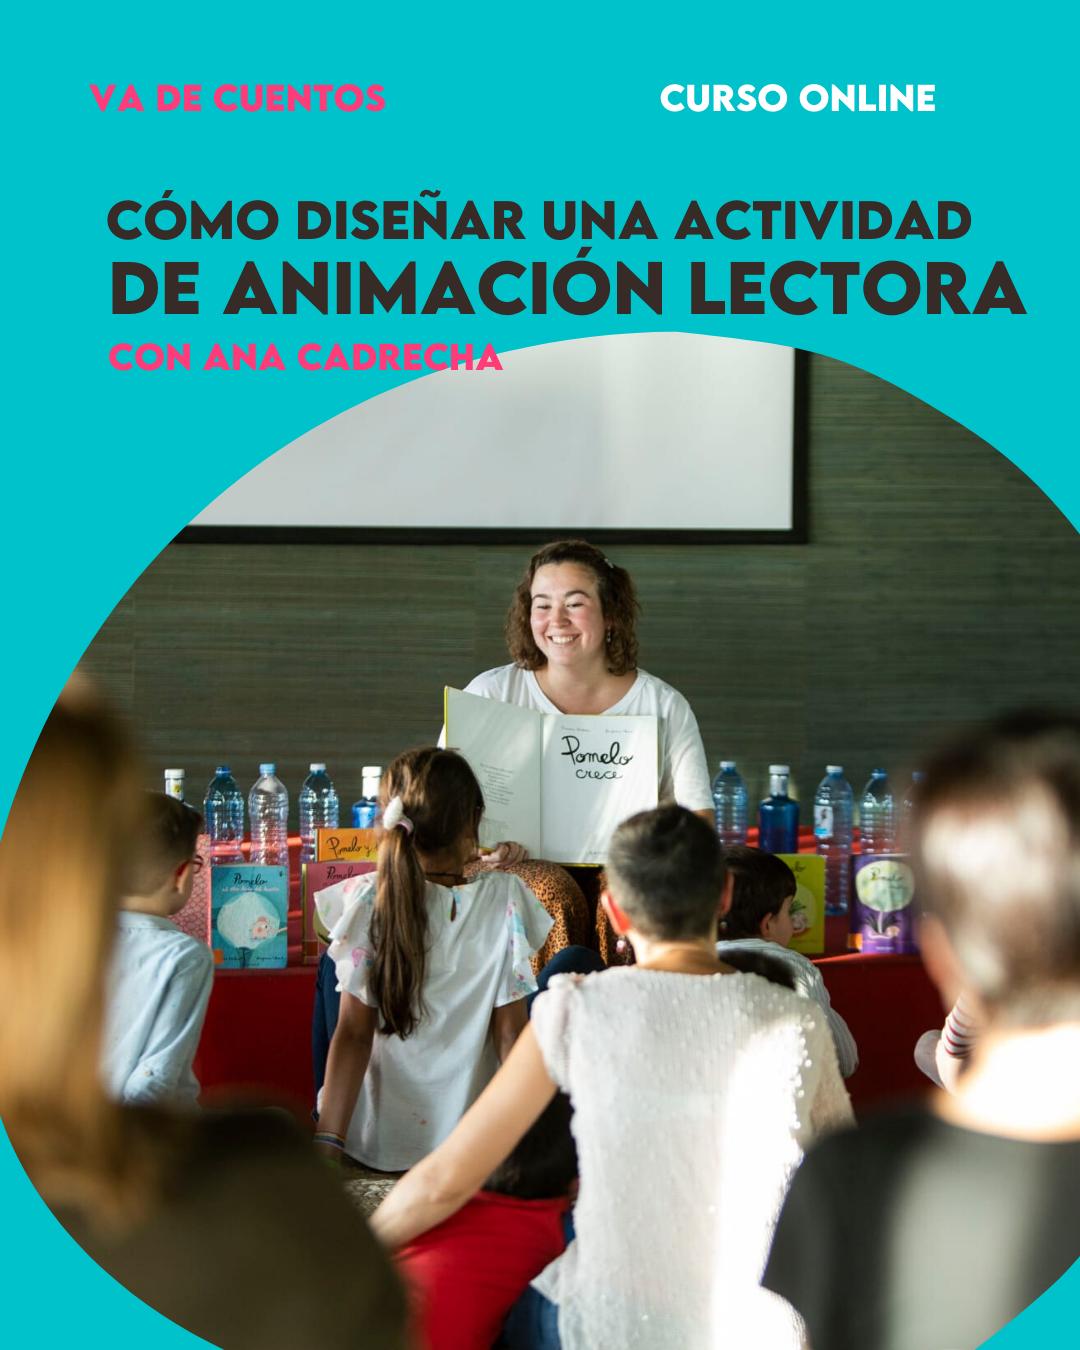 Cómo diseñar una actividad de animación lectora